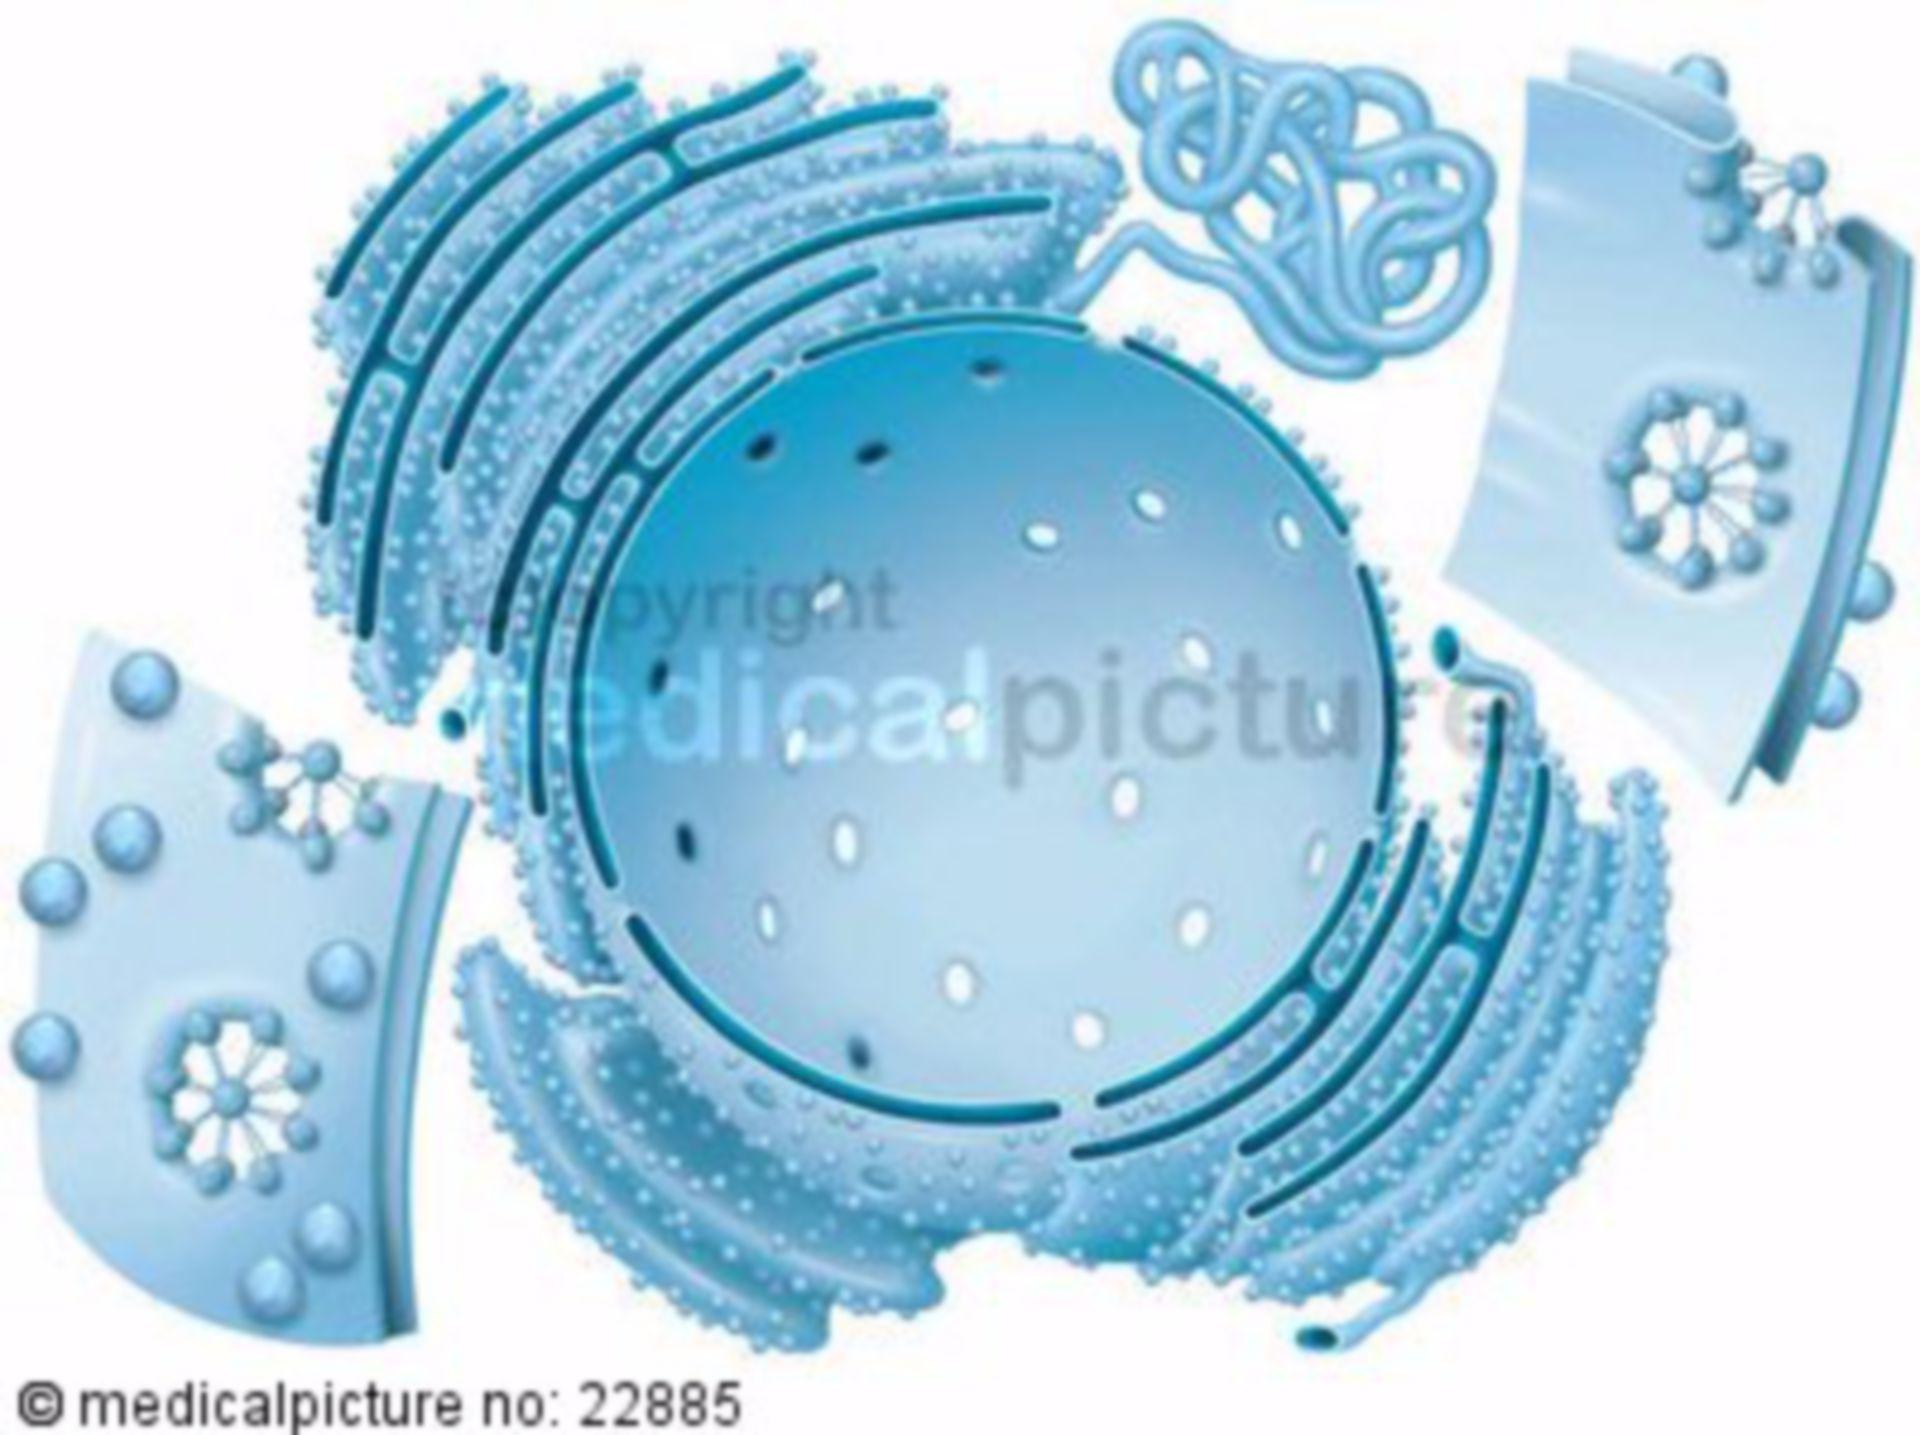 Zellkern-Huelle mit Endoplasmatischem Retikulum